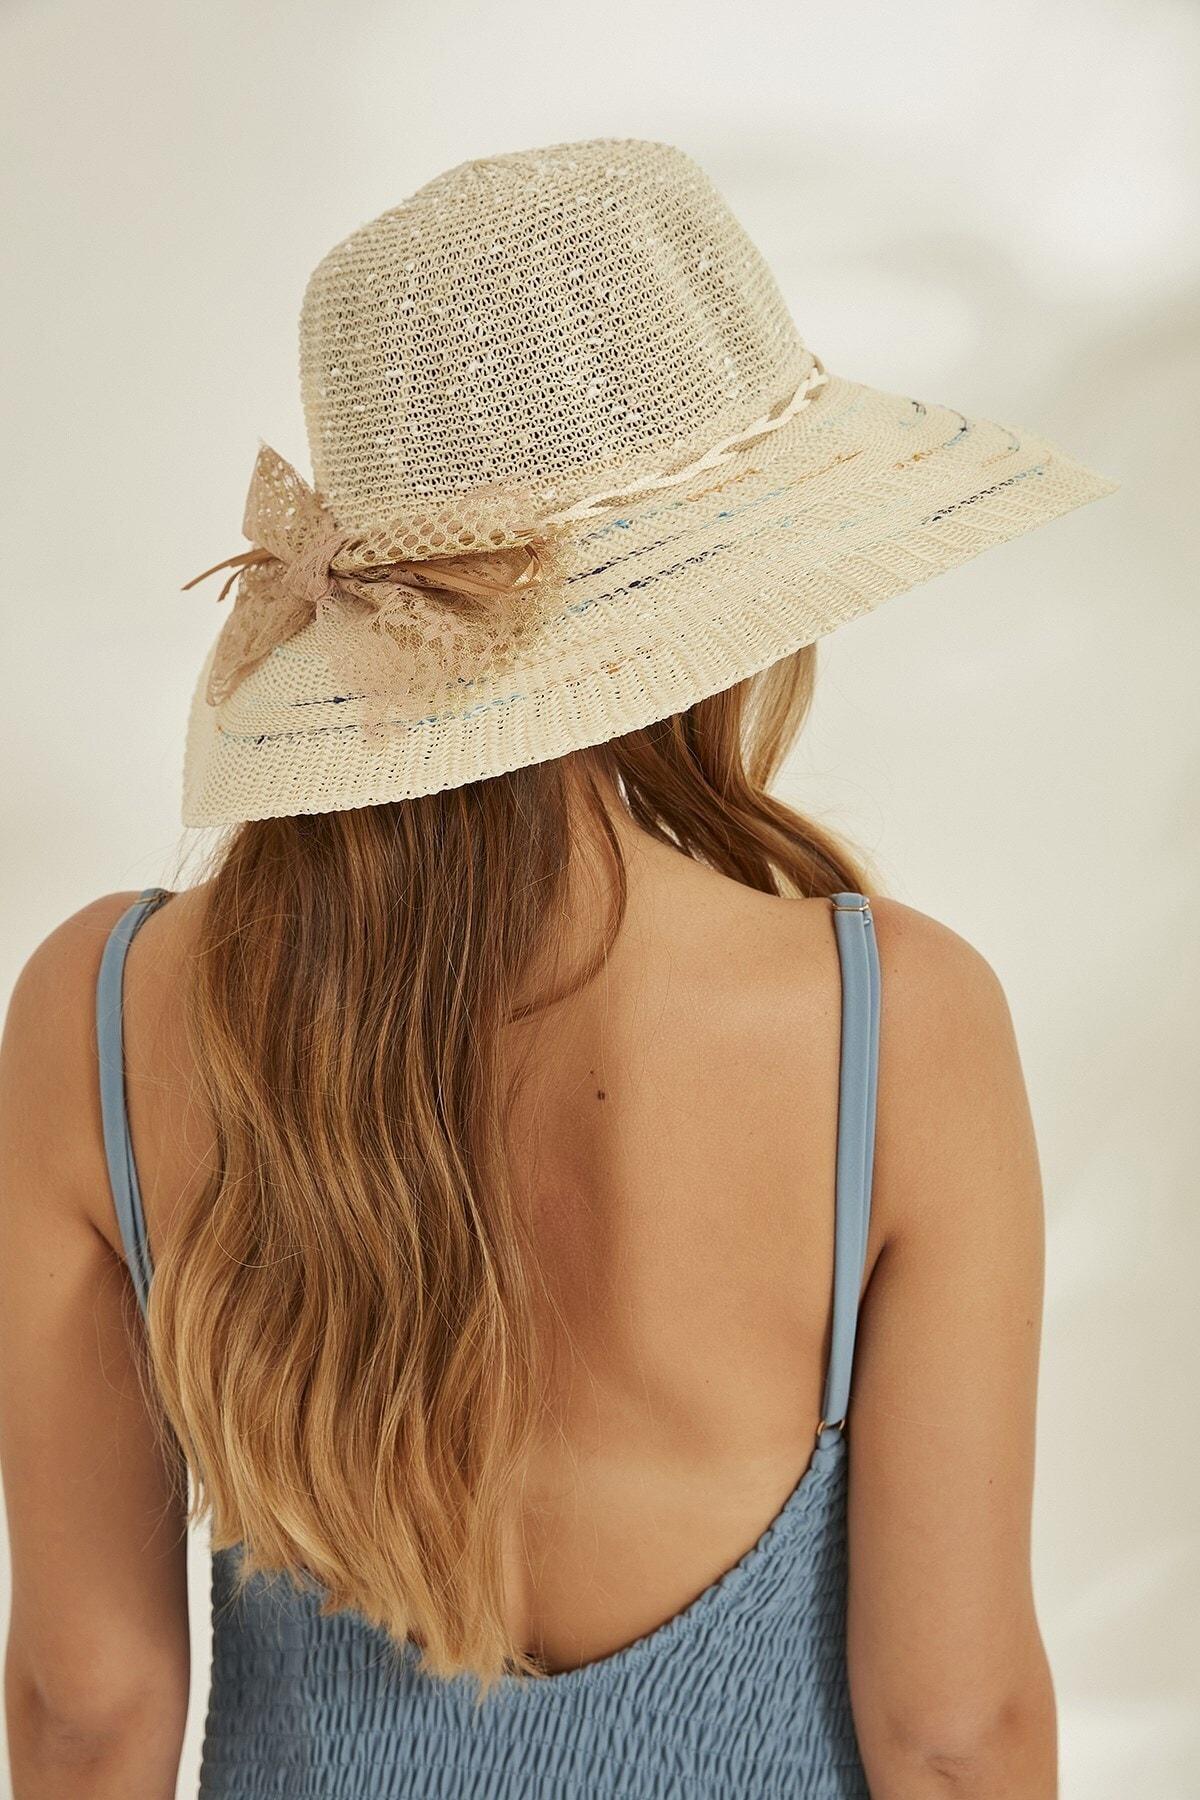 C&City Kadın Merserize Hasır Şapka T2740-08 Ekru 2